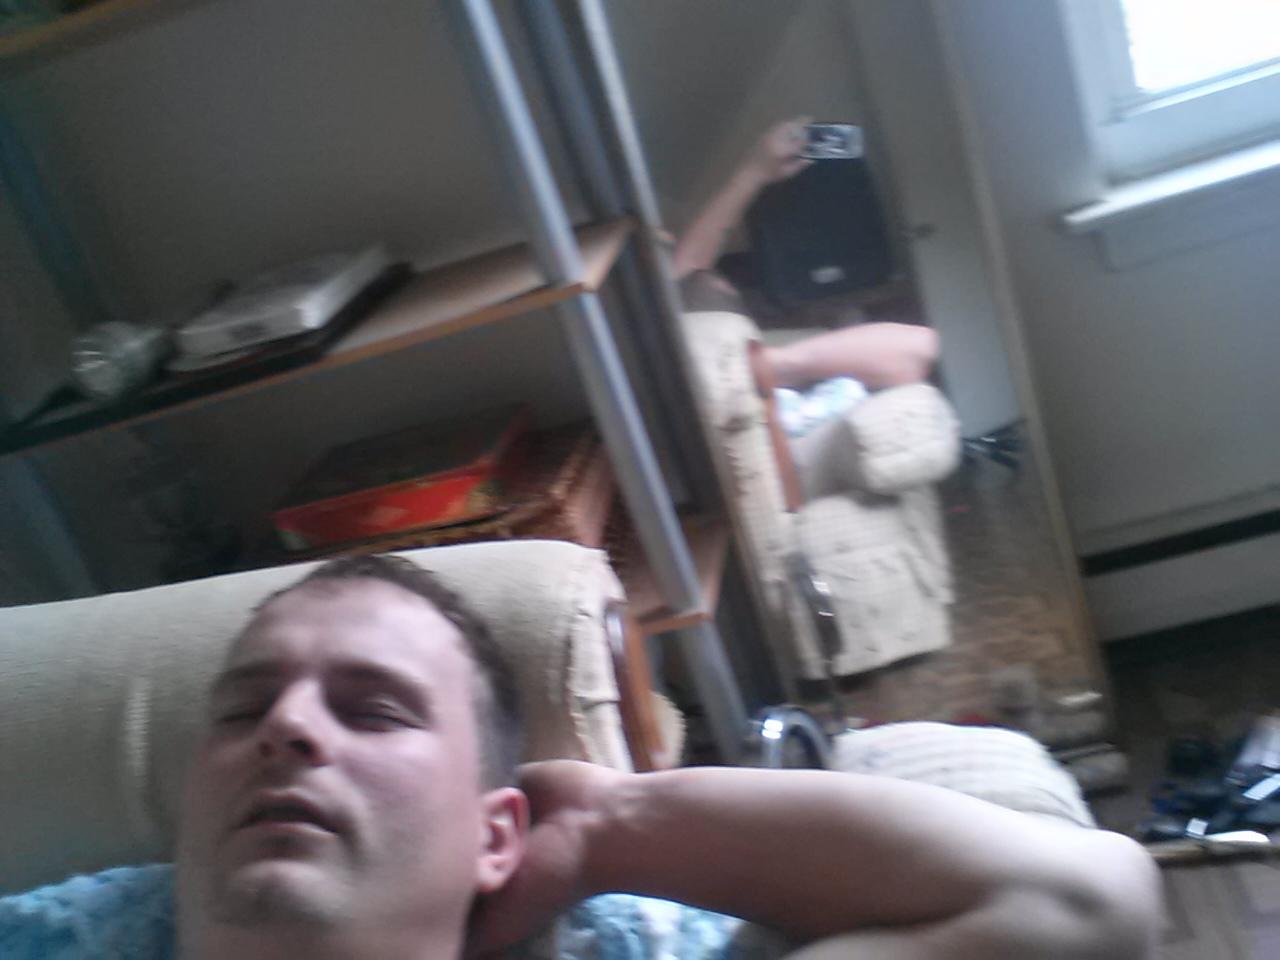 83e image 573440] caught me sleeping bae caught me slippin,Caught Me Meme